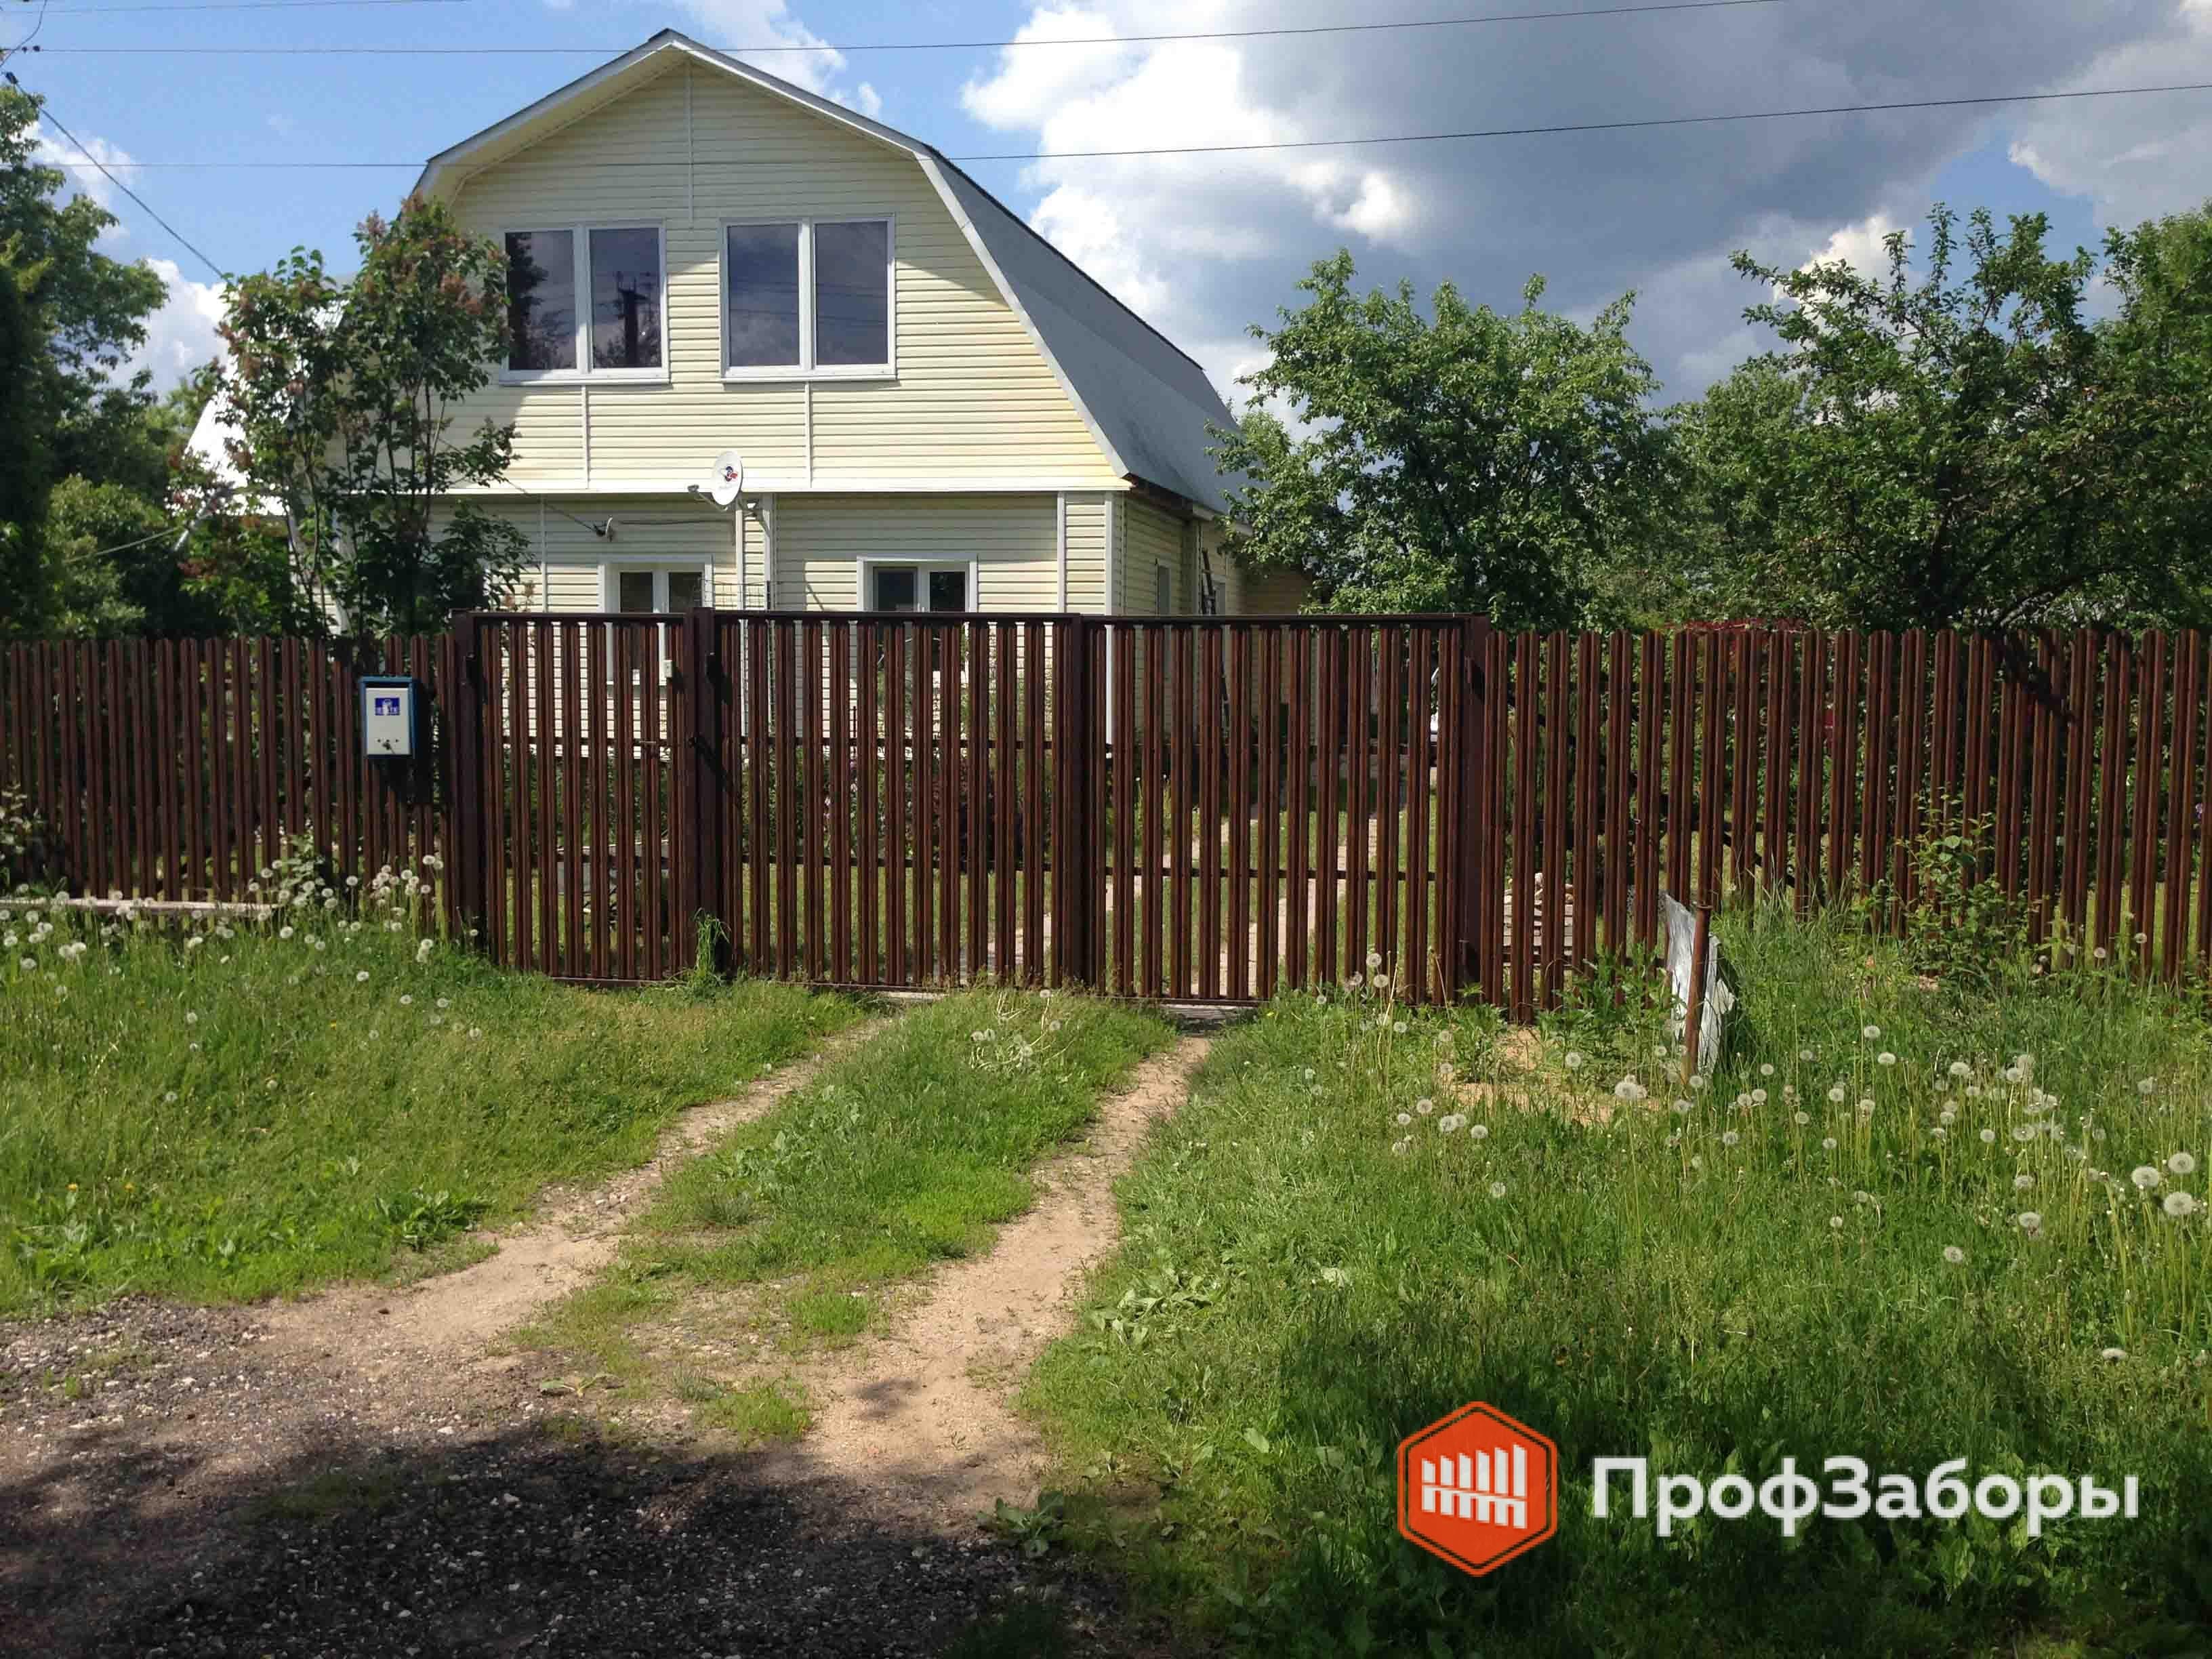 Заборы Из евроштакетника - Рязанская область. Фото 2